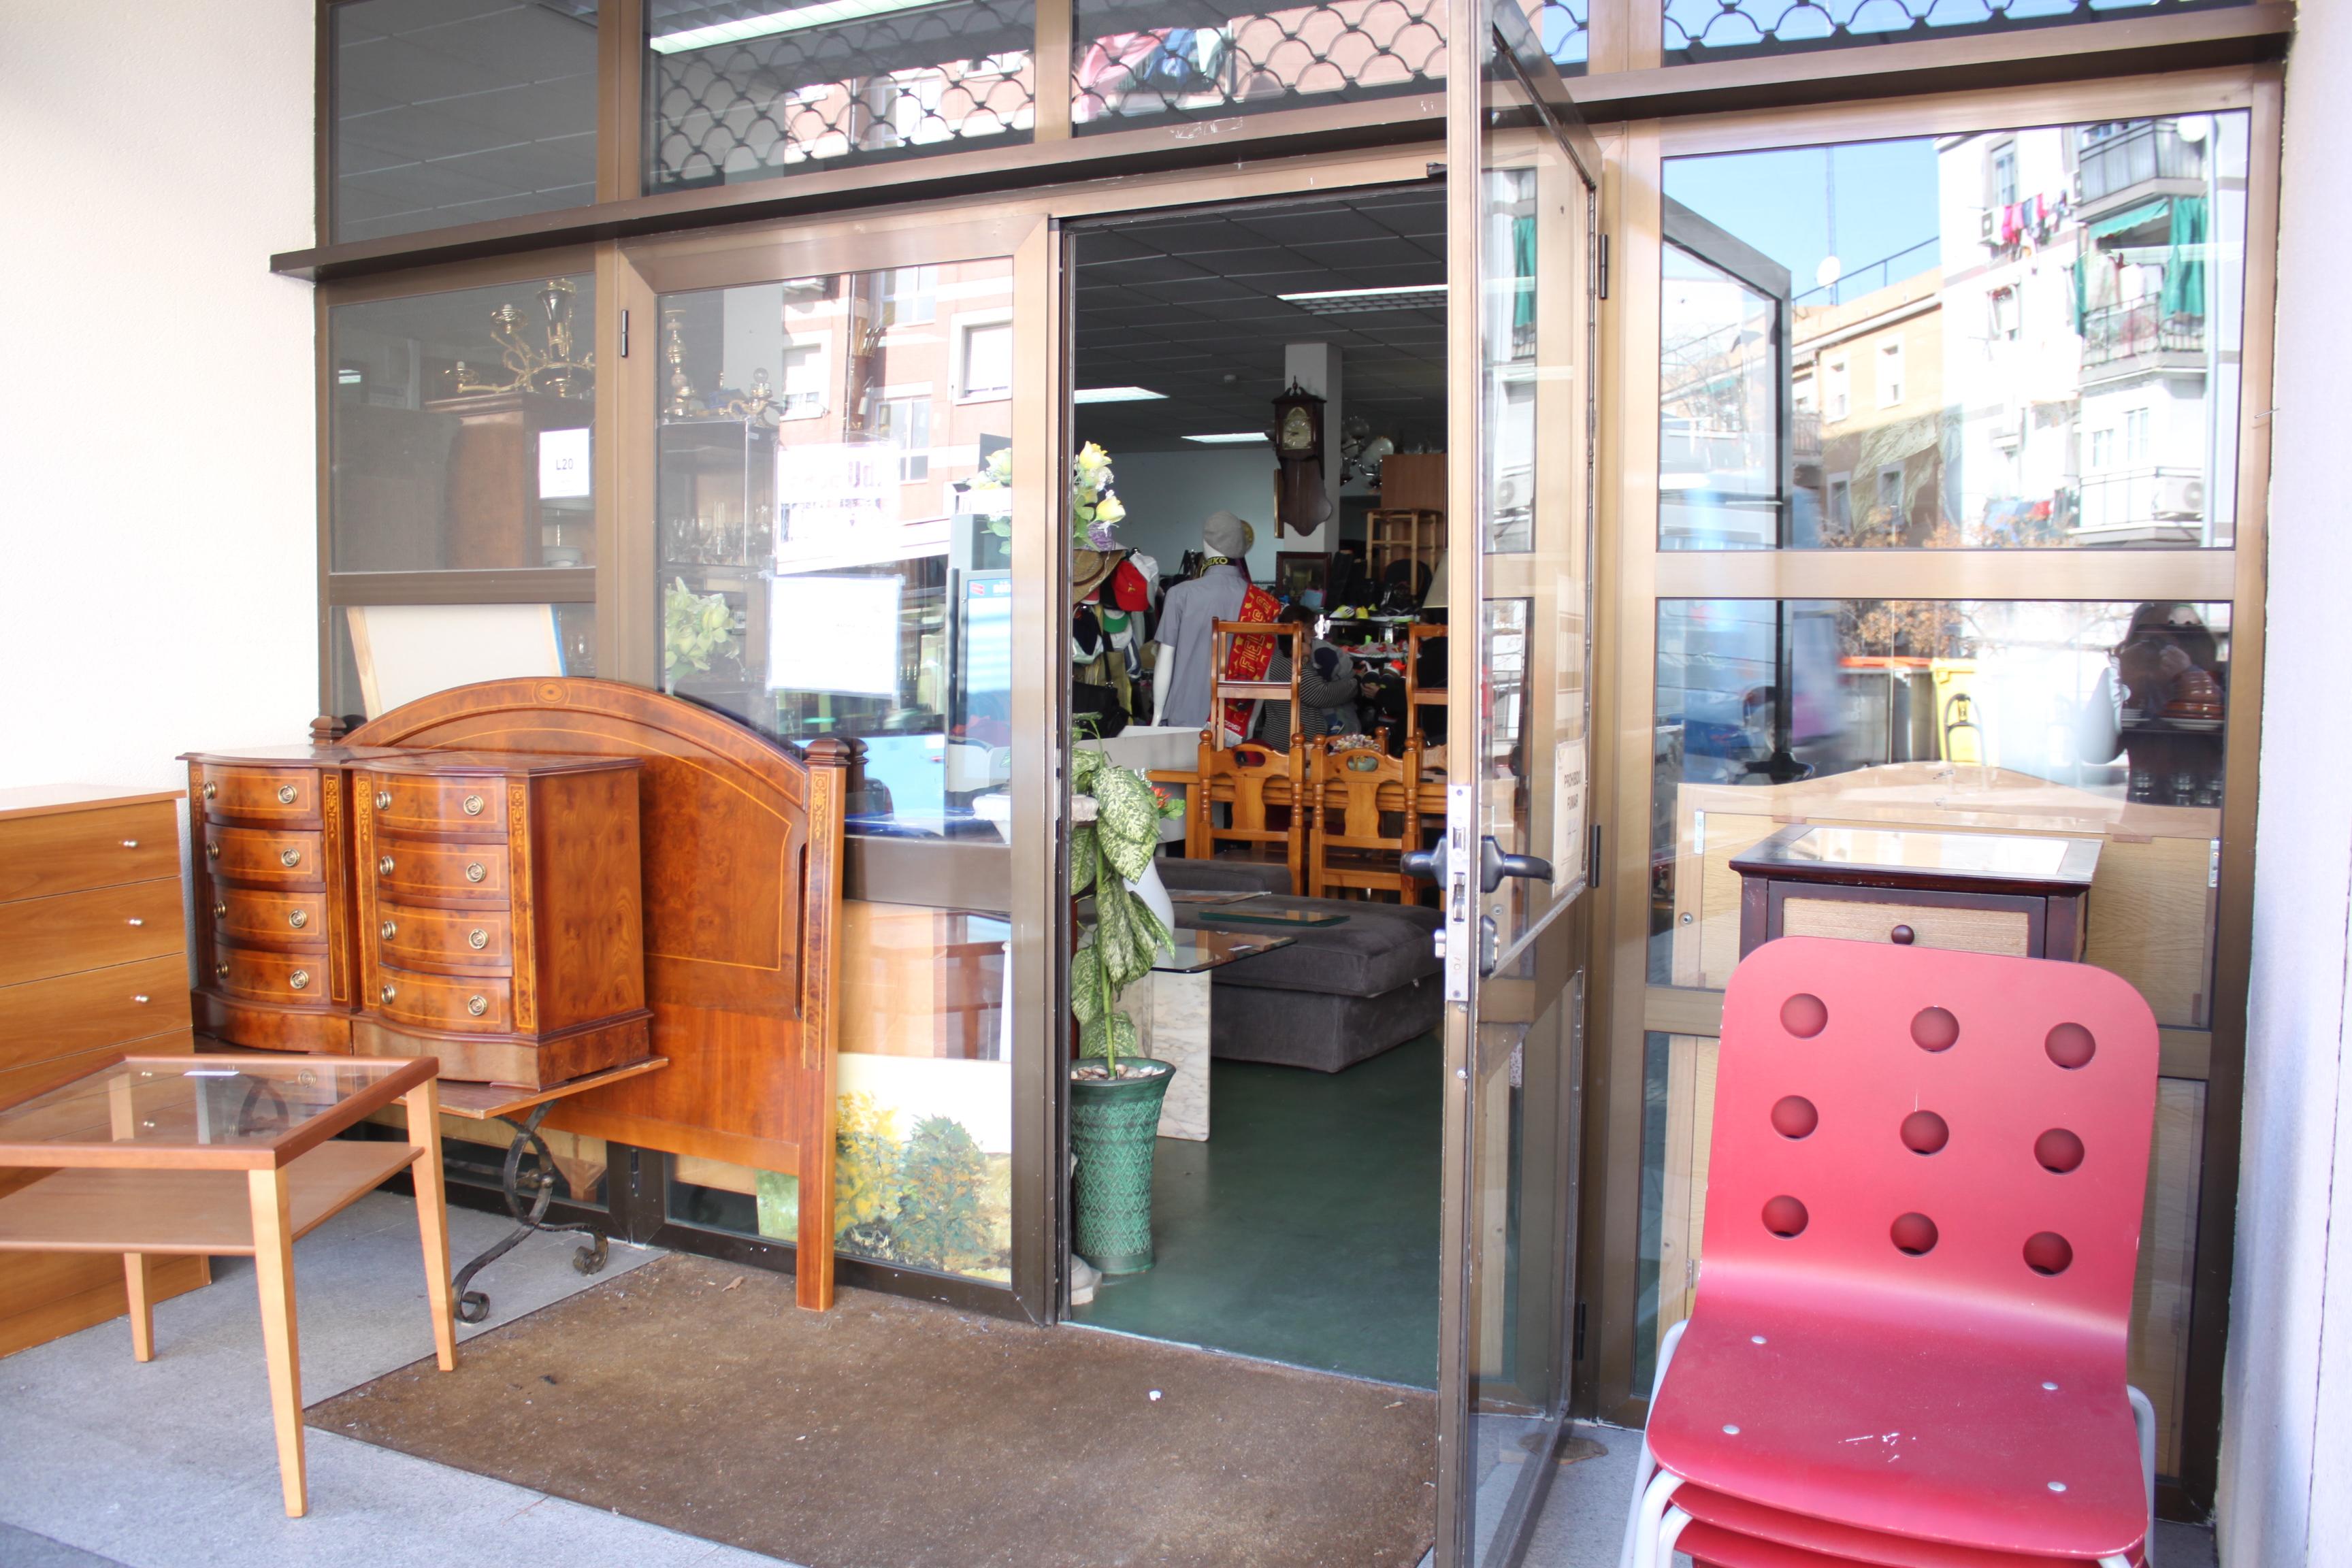 Recogida De Muebles Remar Idea Creativa Della Casa E Dell  # Muebles Rastro Reto